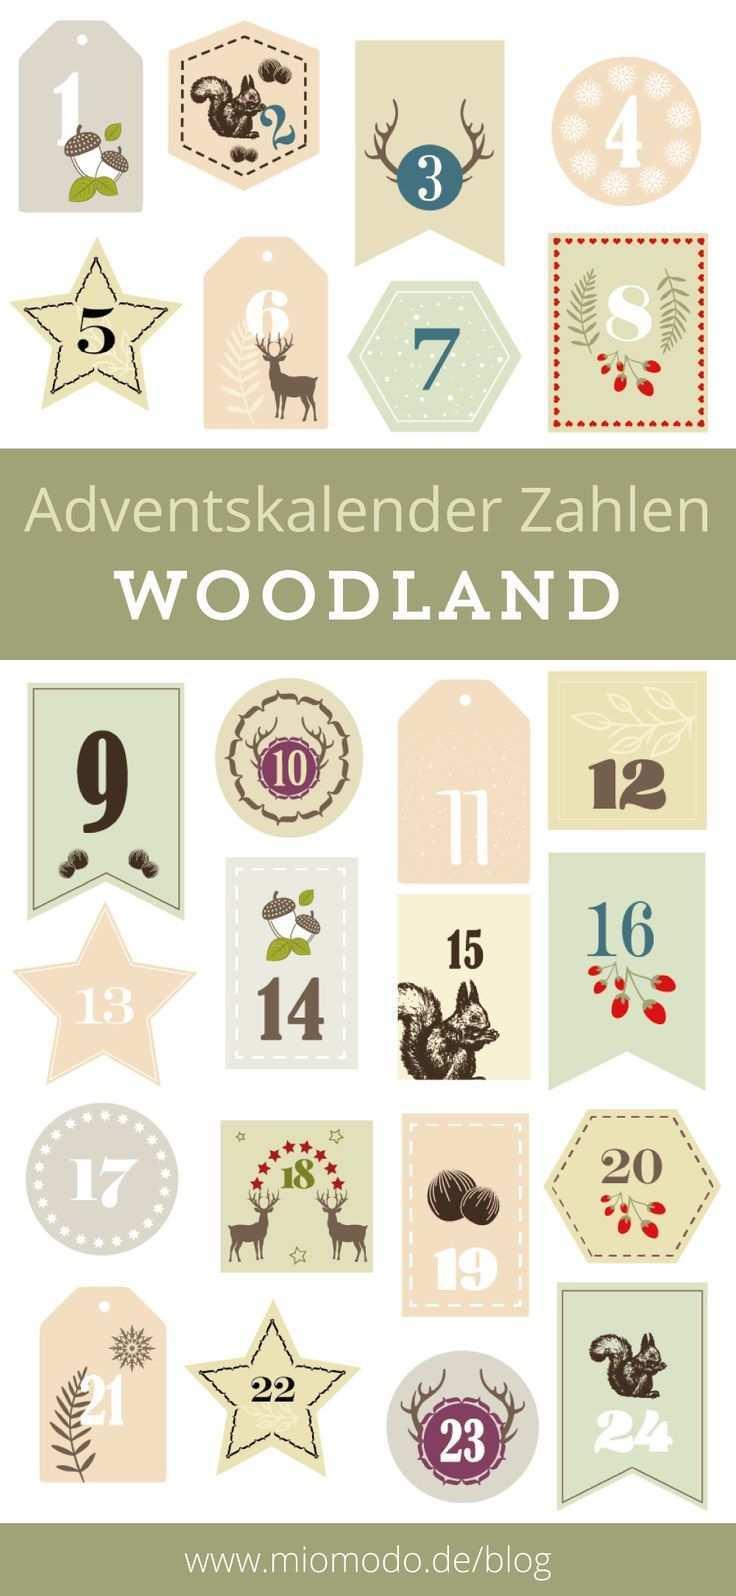 Diy Adventskalender Zahlen Woodland Miomodo Diy Blog Adventkalender Diy Adventskalender Zahlen Adventskalender Diy